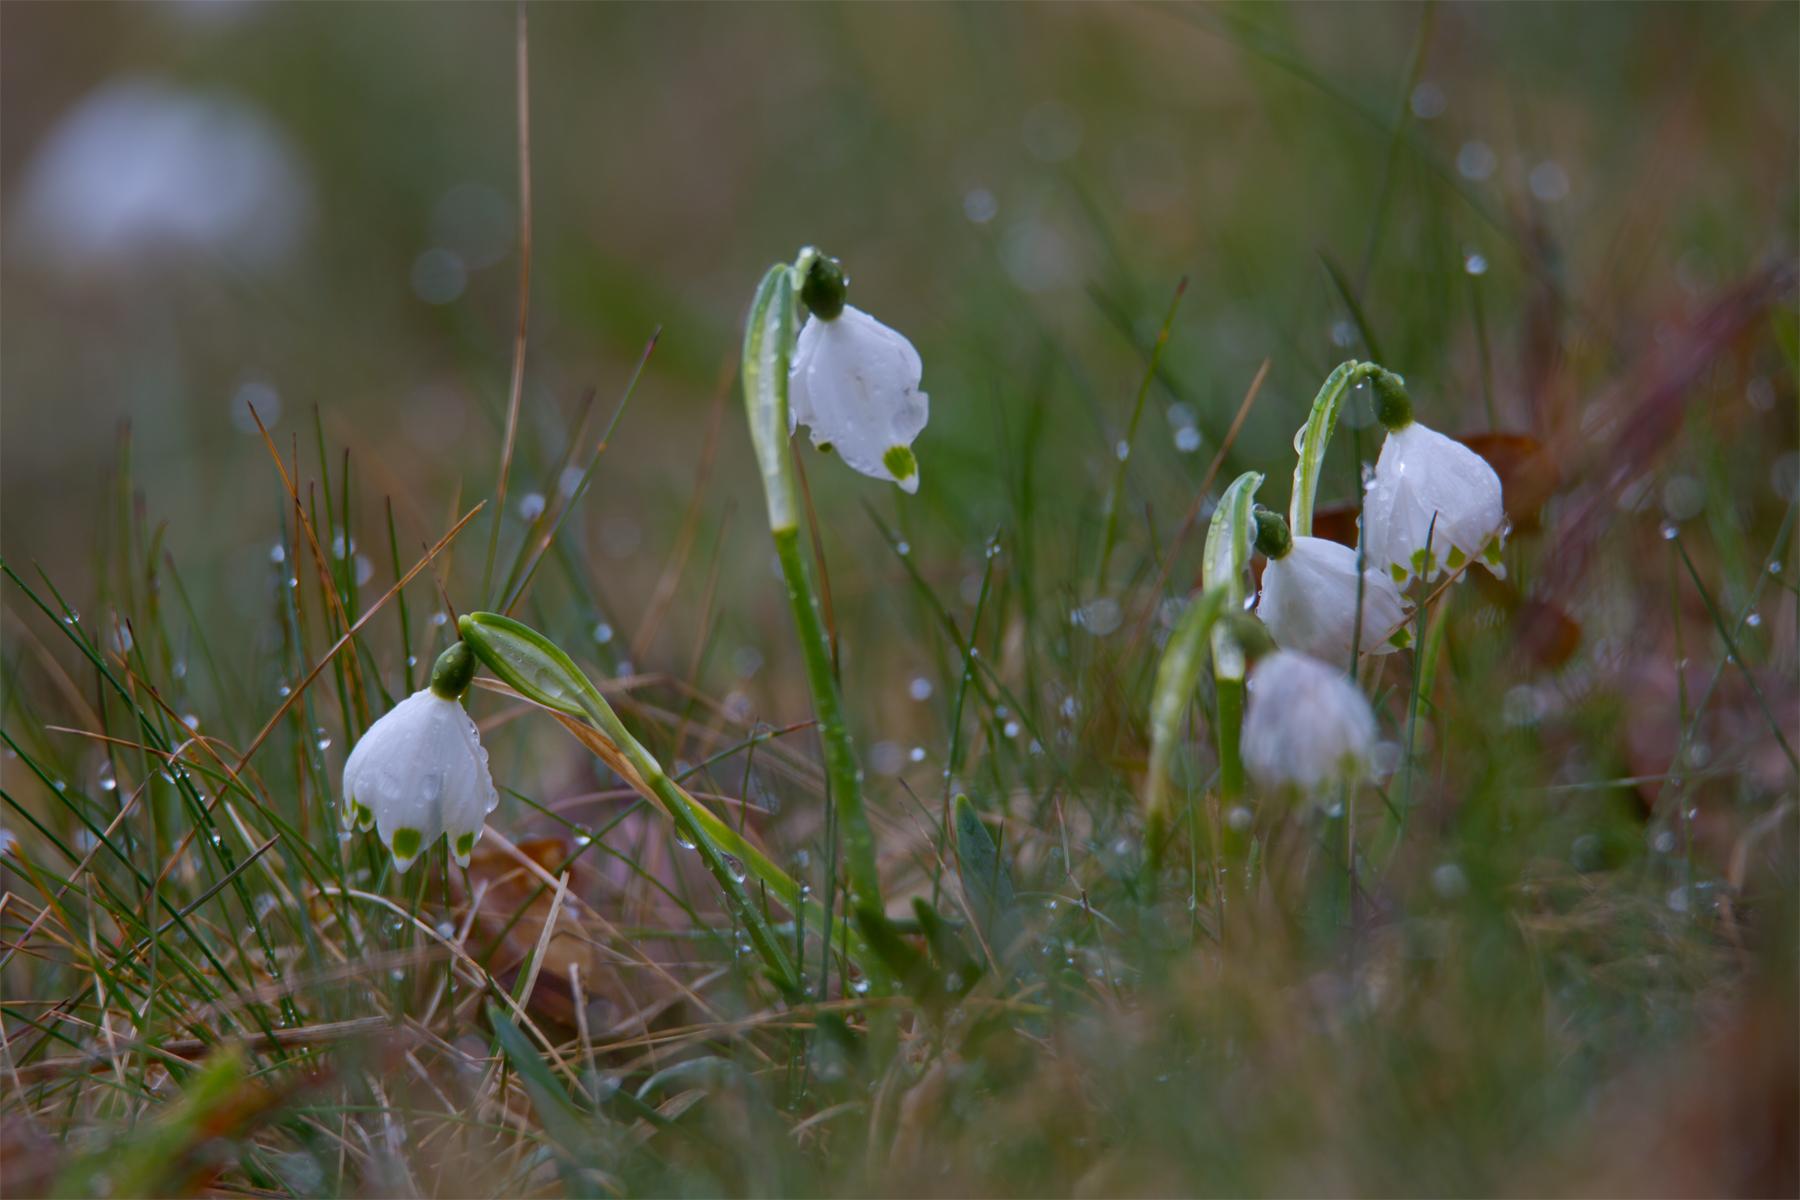 Frühlingsknotenblumen in der Wiese